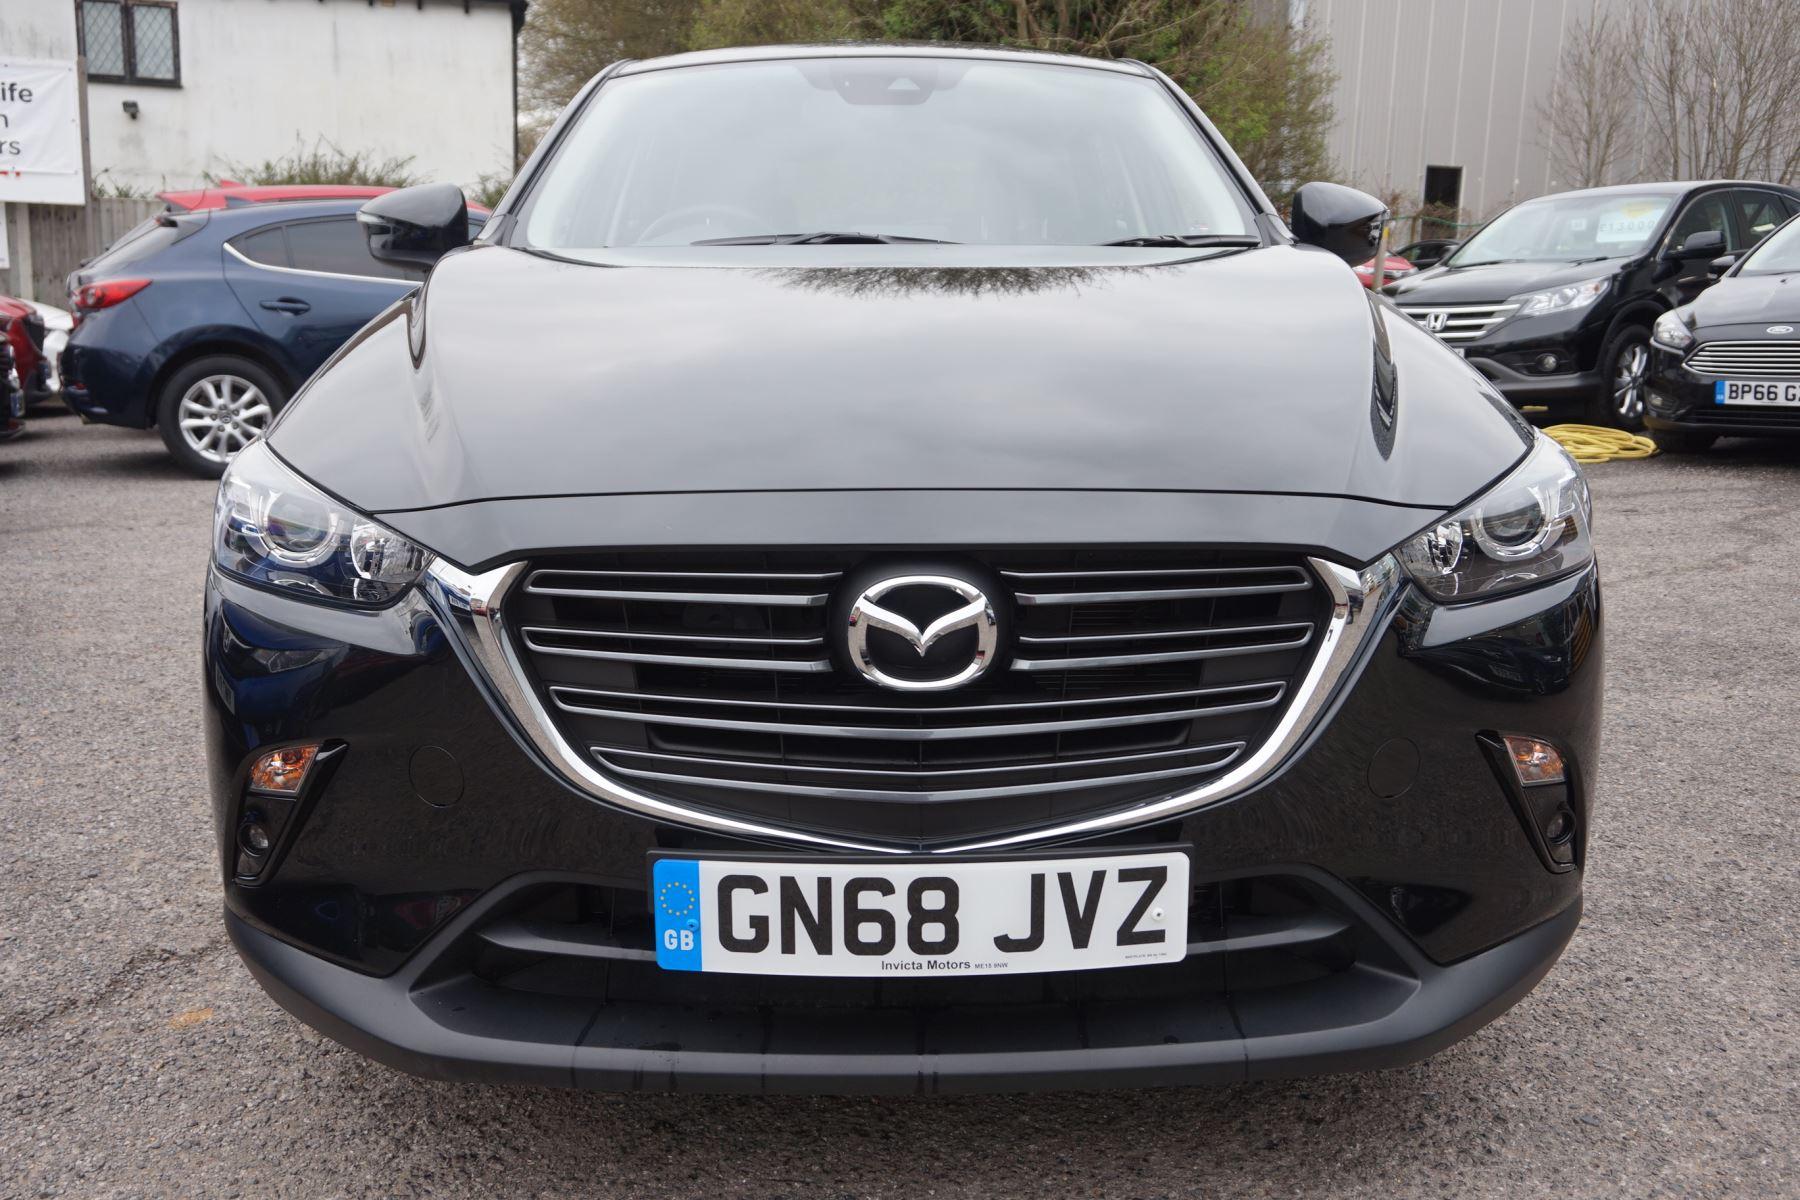 Mazda CX-3 2.0 SE-L Nav + 5dr image 2